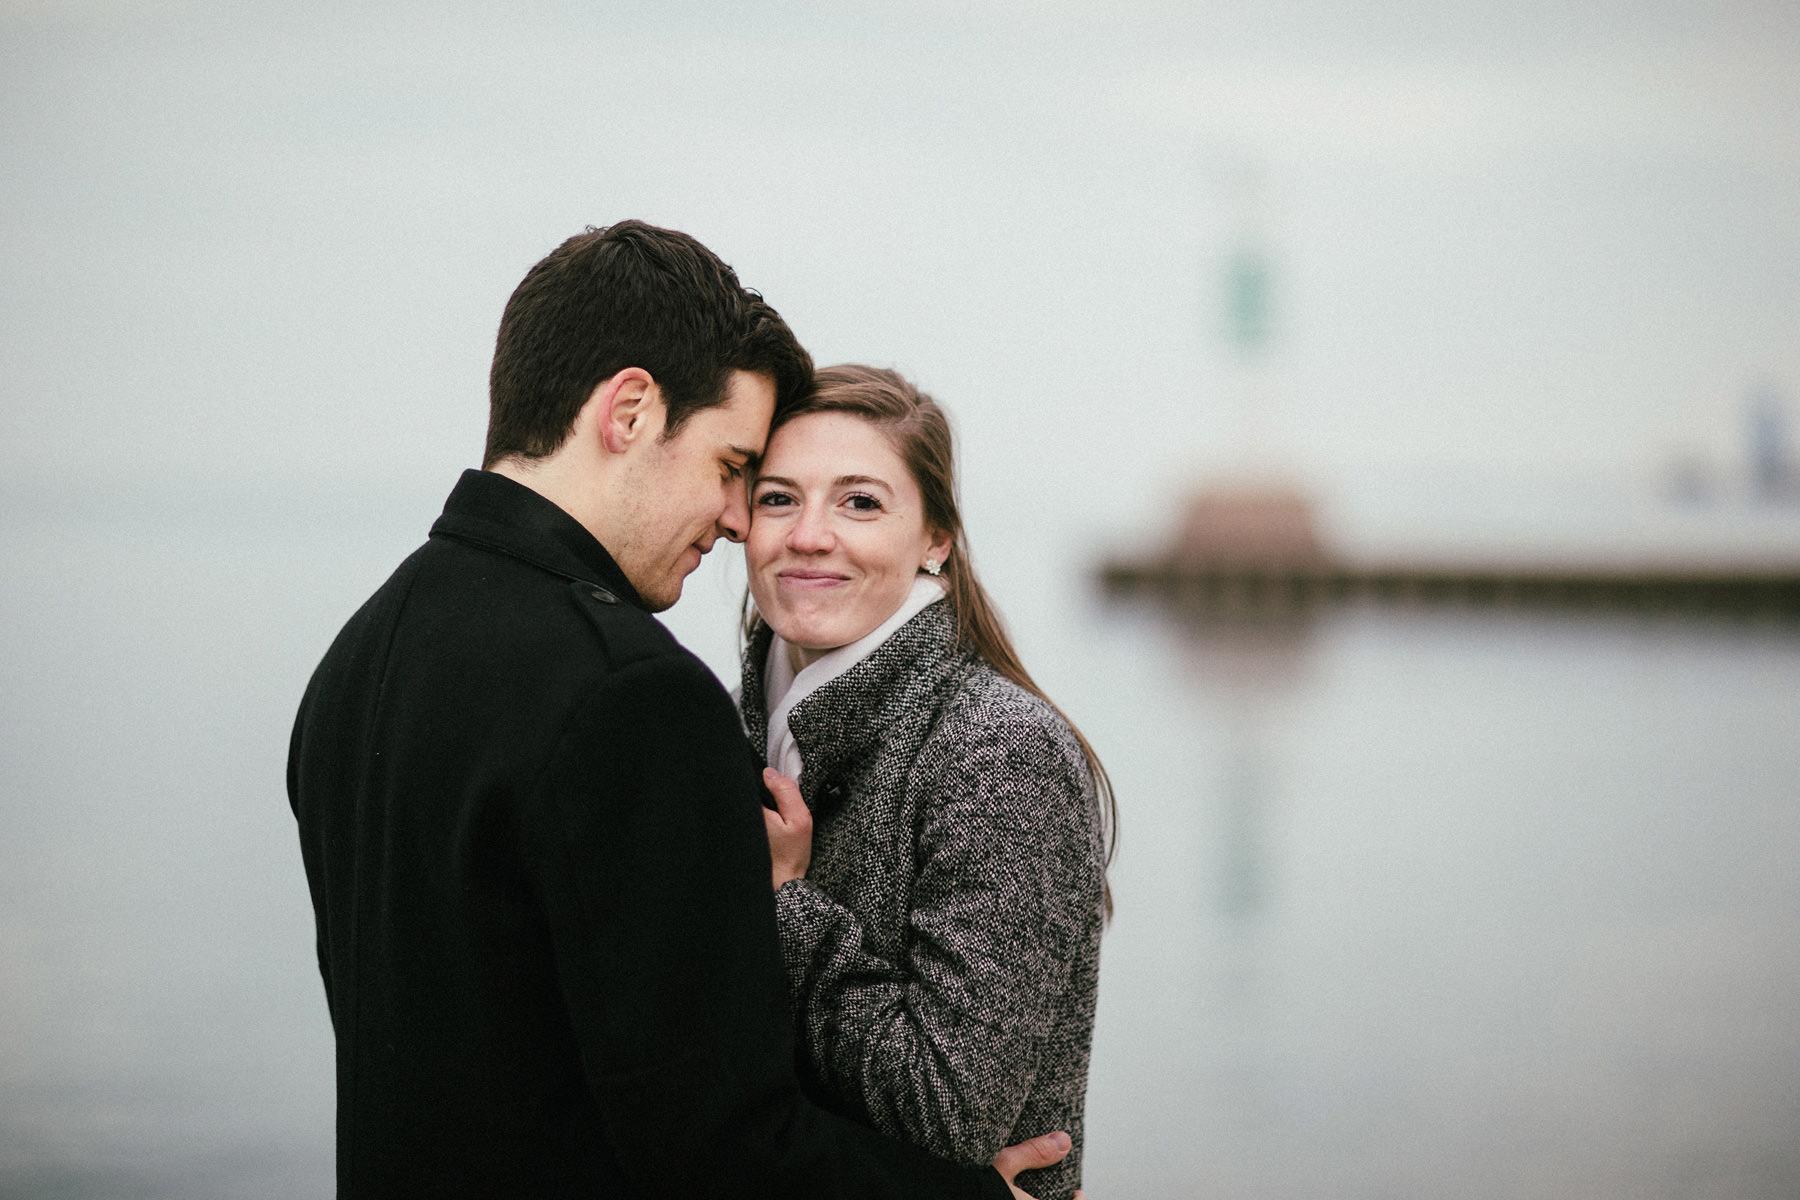 Chicago Engagement Session_Montrose Park_Kindling Wedding PhotographyBLOG20.JPG